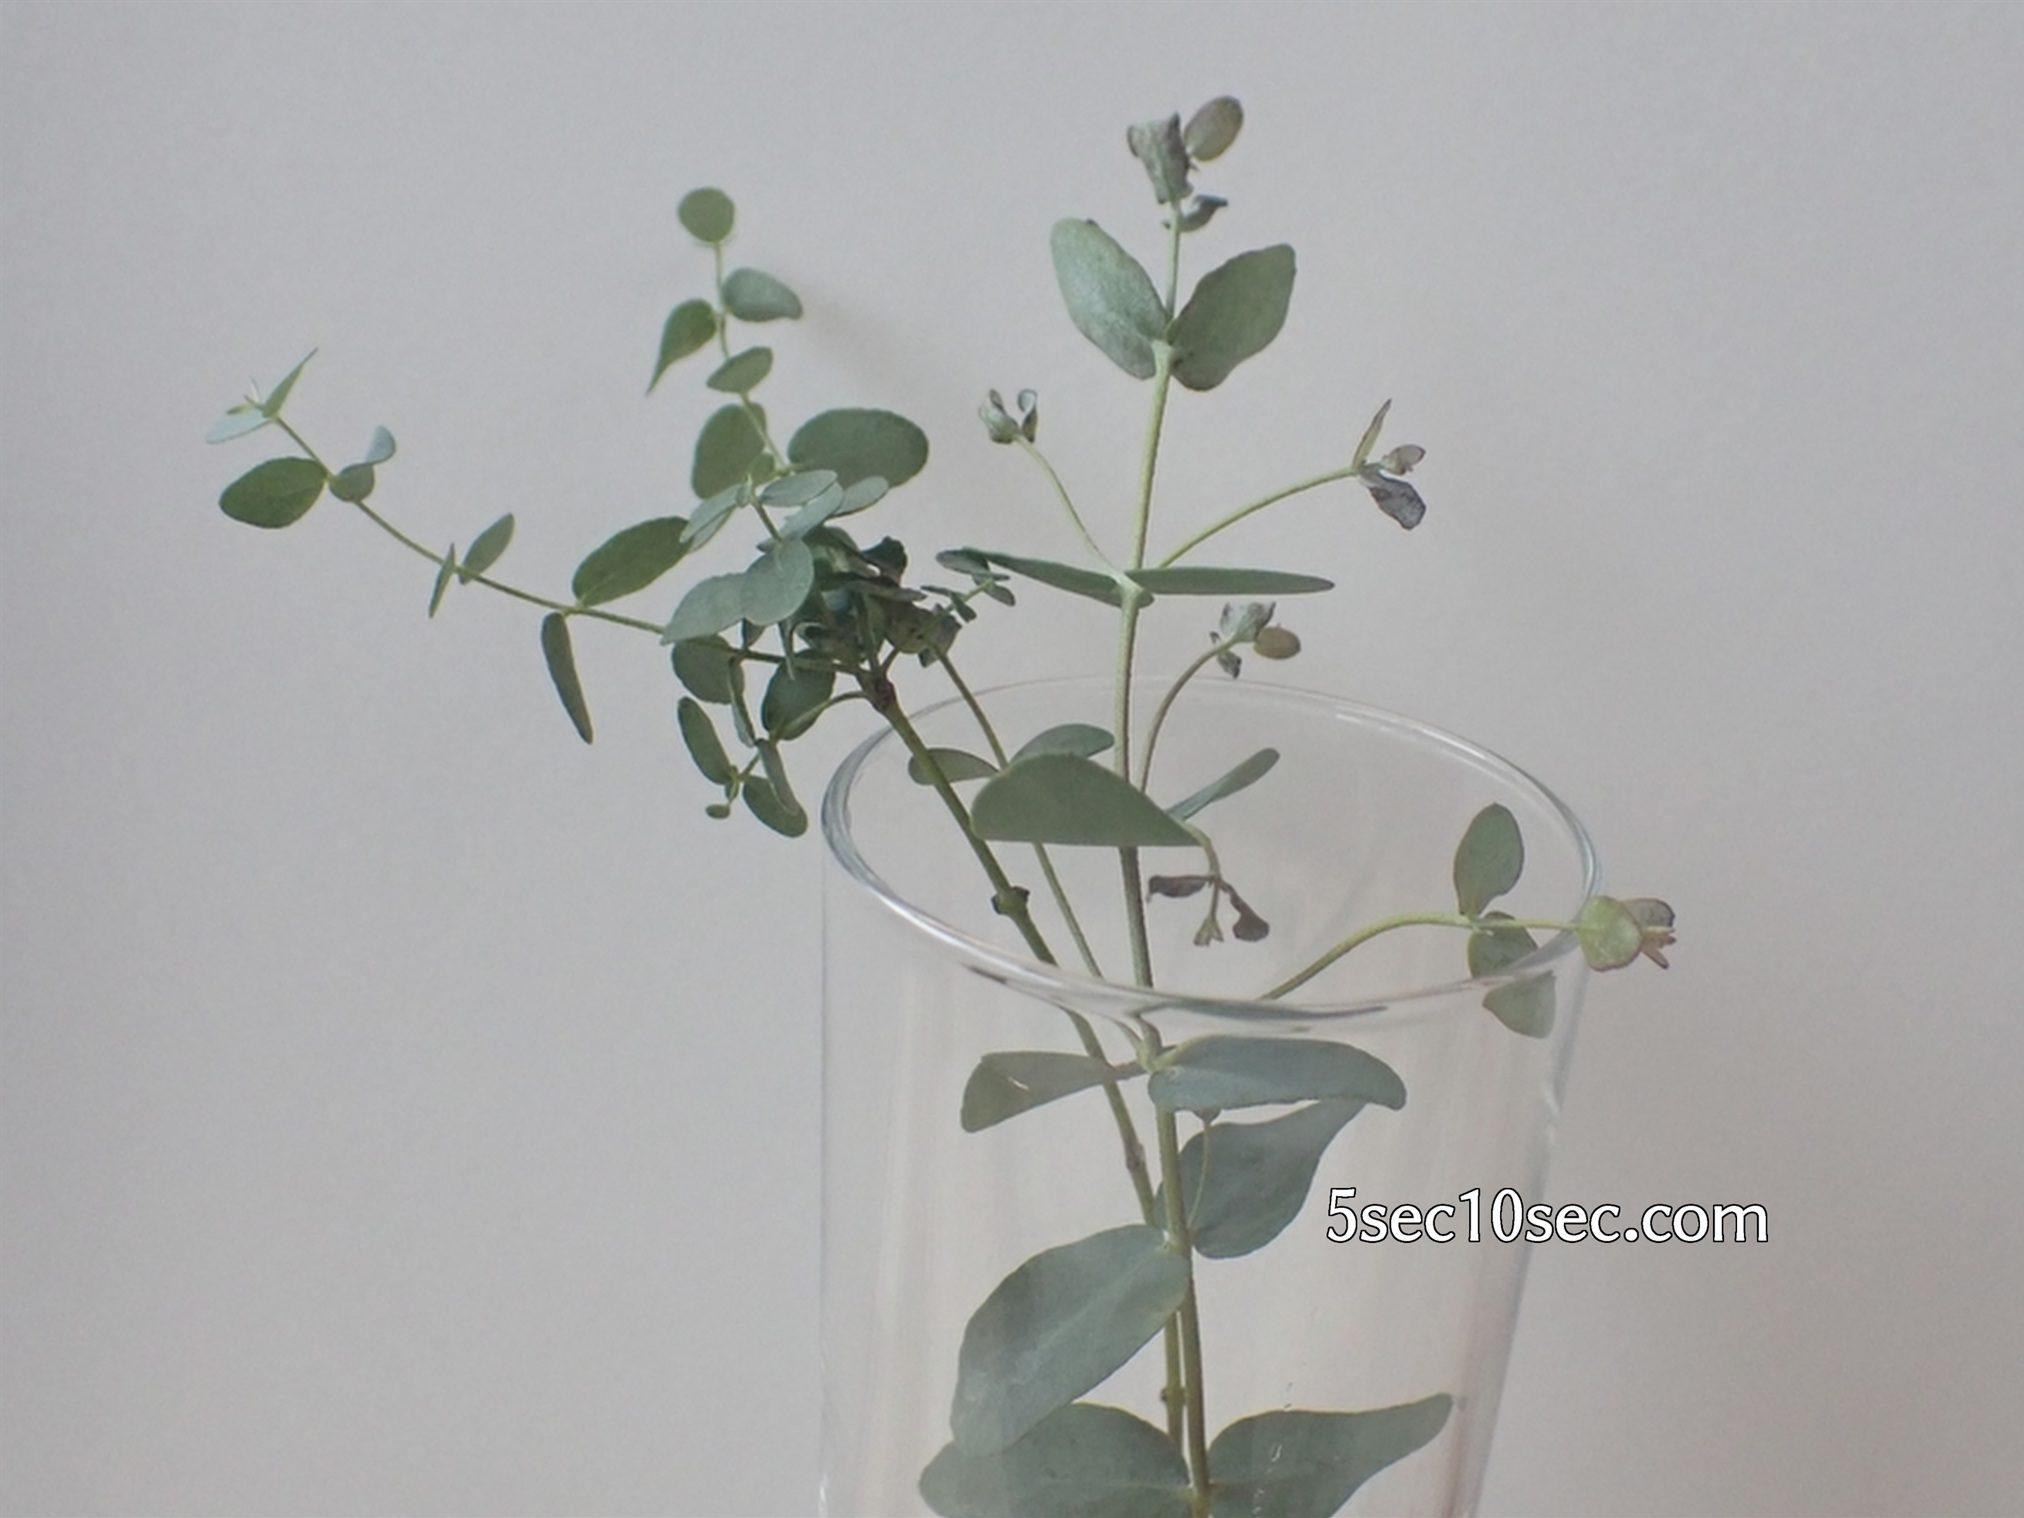 株式会社Crunch Style お花の定期便 Bloomee LIFE ブルーミーライフ 800円のレギュラープラン グニユーカリを1輪挿しにするとこういう感じです